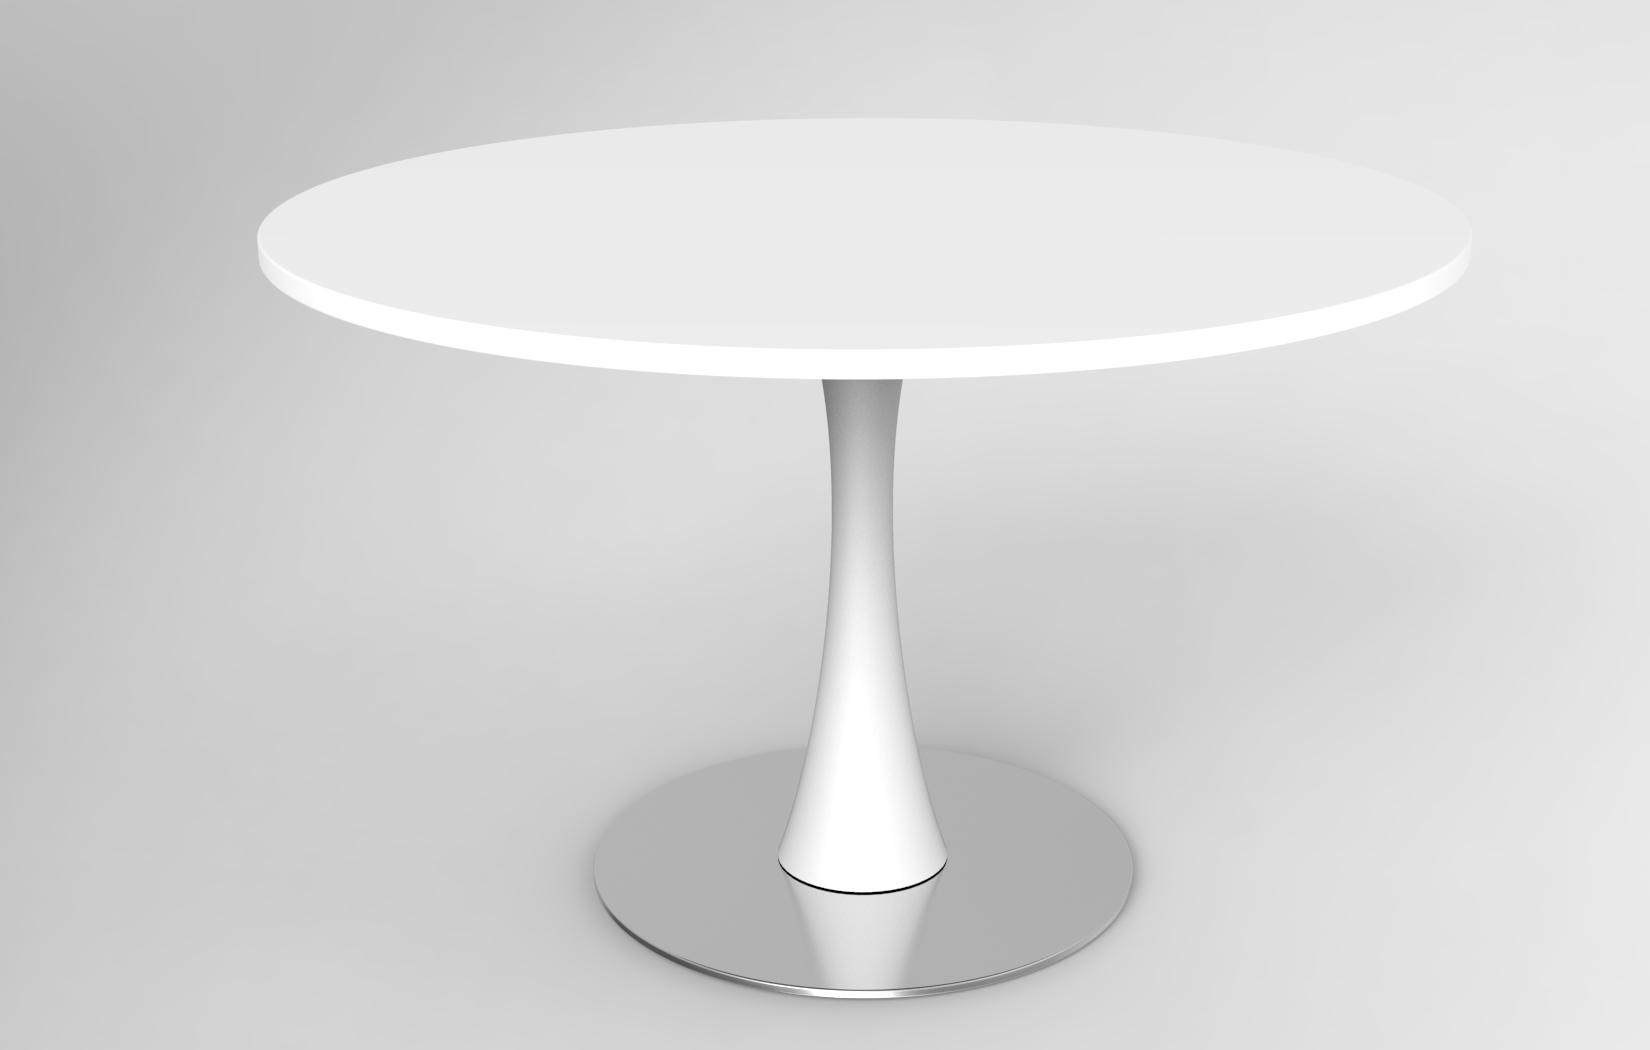 Tavolo Tondo Laccato Bianco.Lune Design Tavolo In Corian C Egos